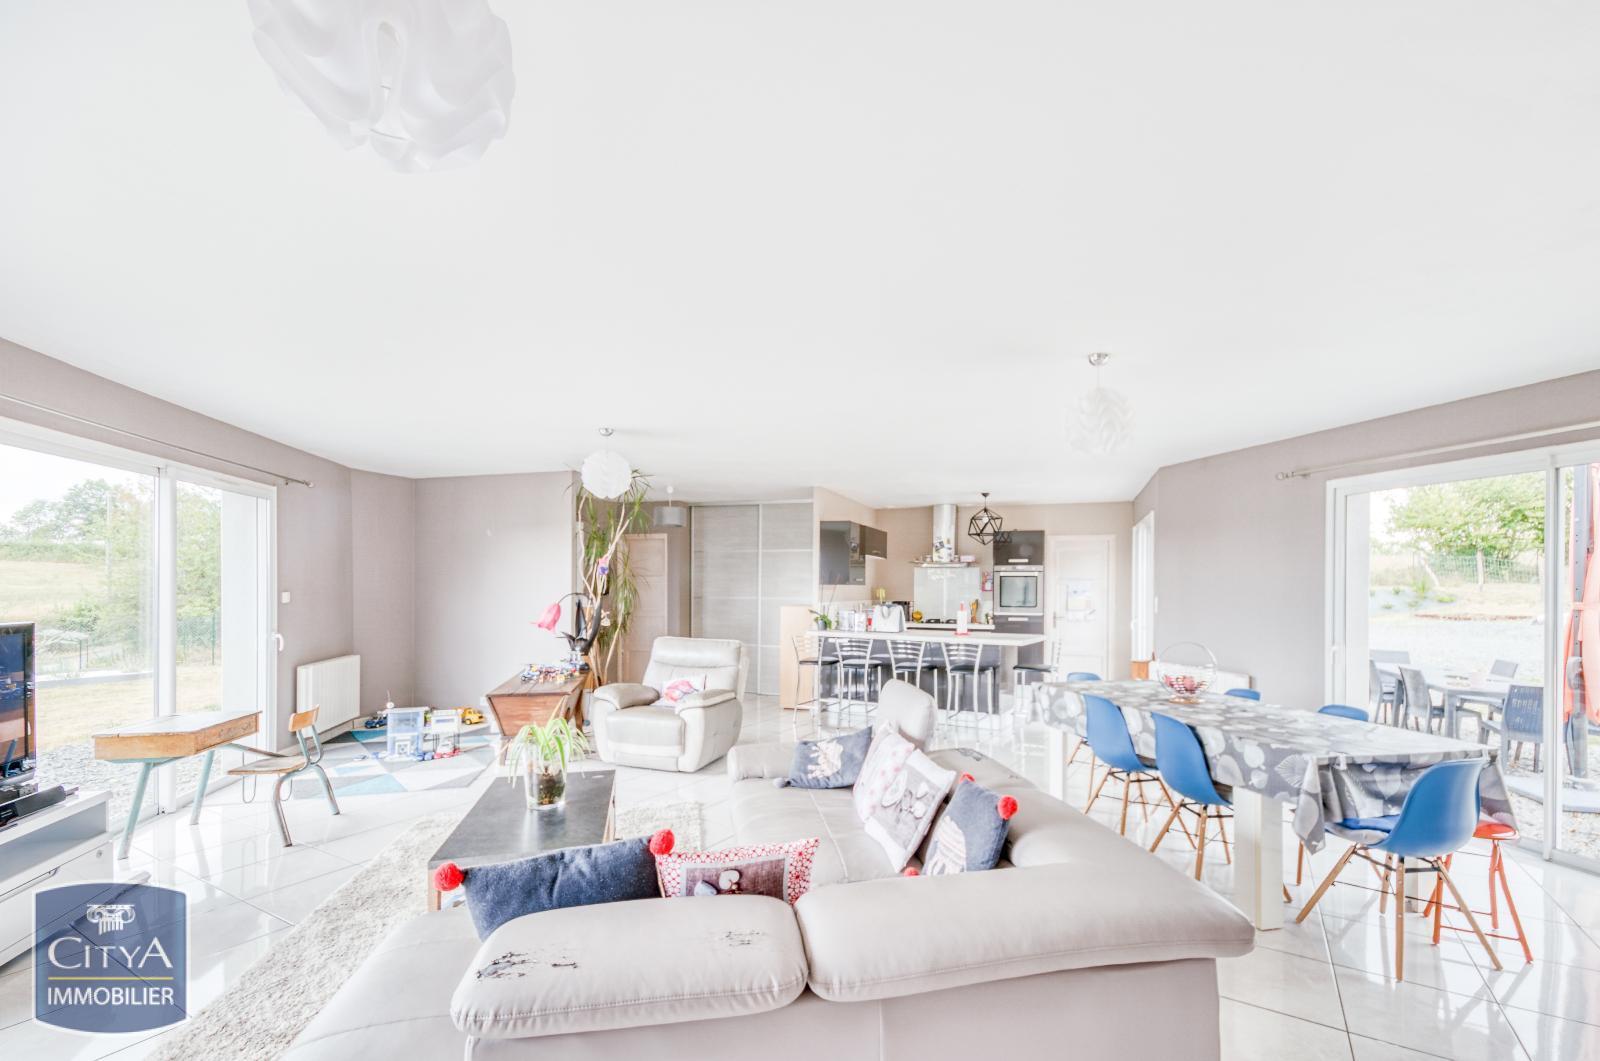 Maison/villa 4 pièces 136 m²